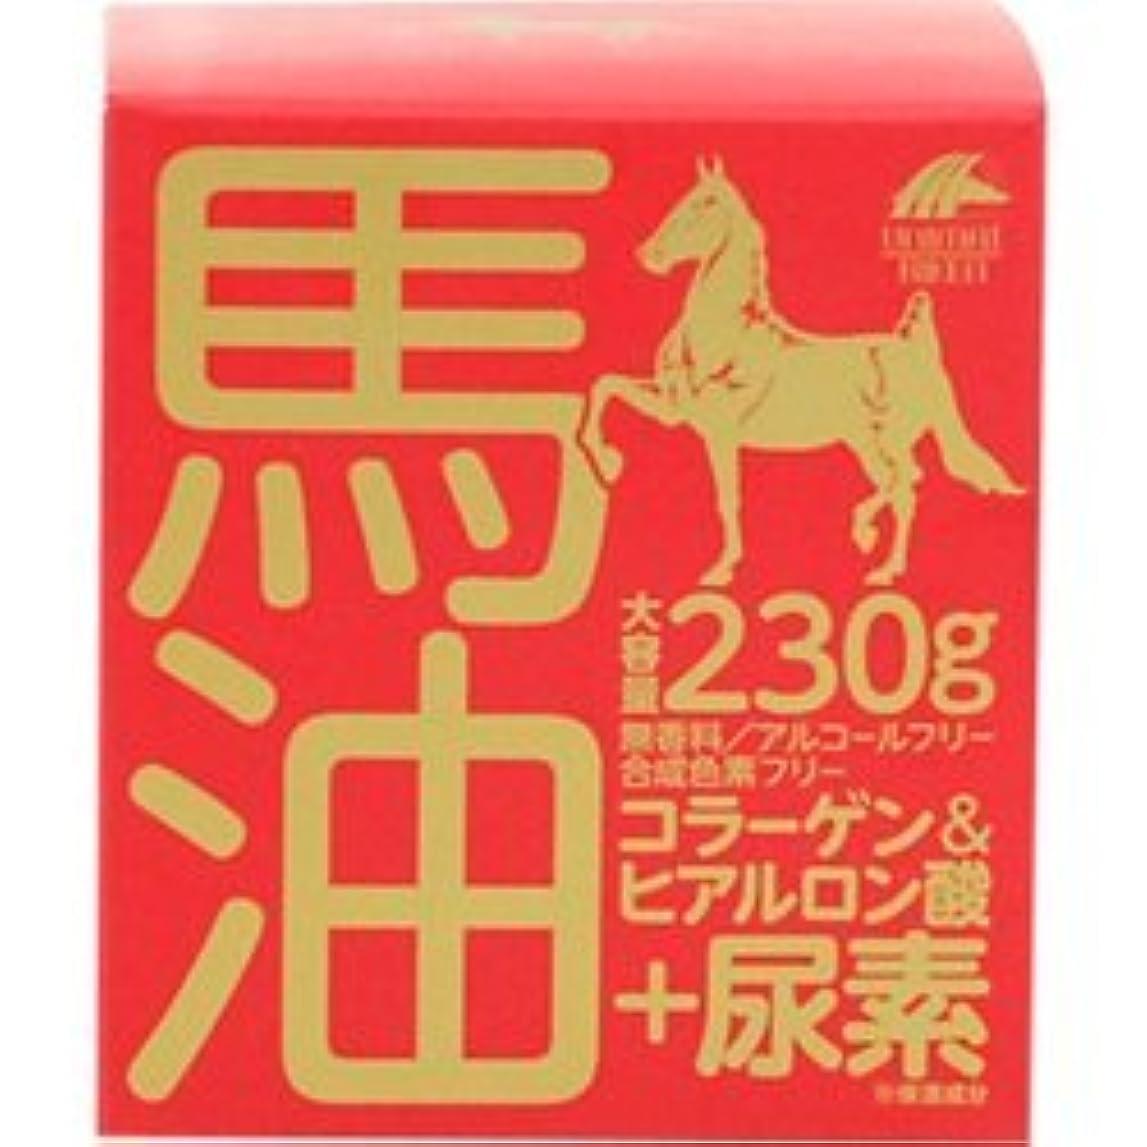 説教する乱雑な農場【ユニマットリケン】馬油クリーム+尿素 230g ×10個セット